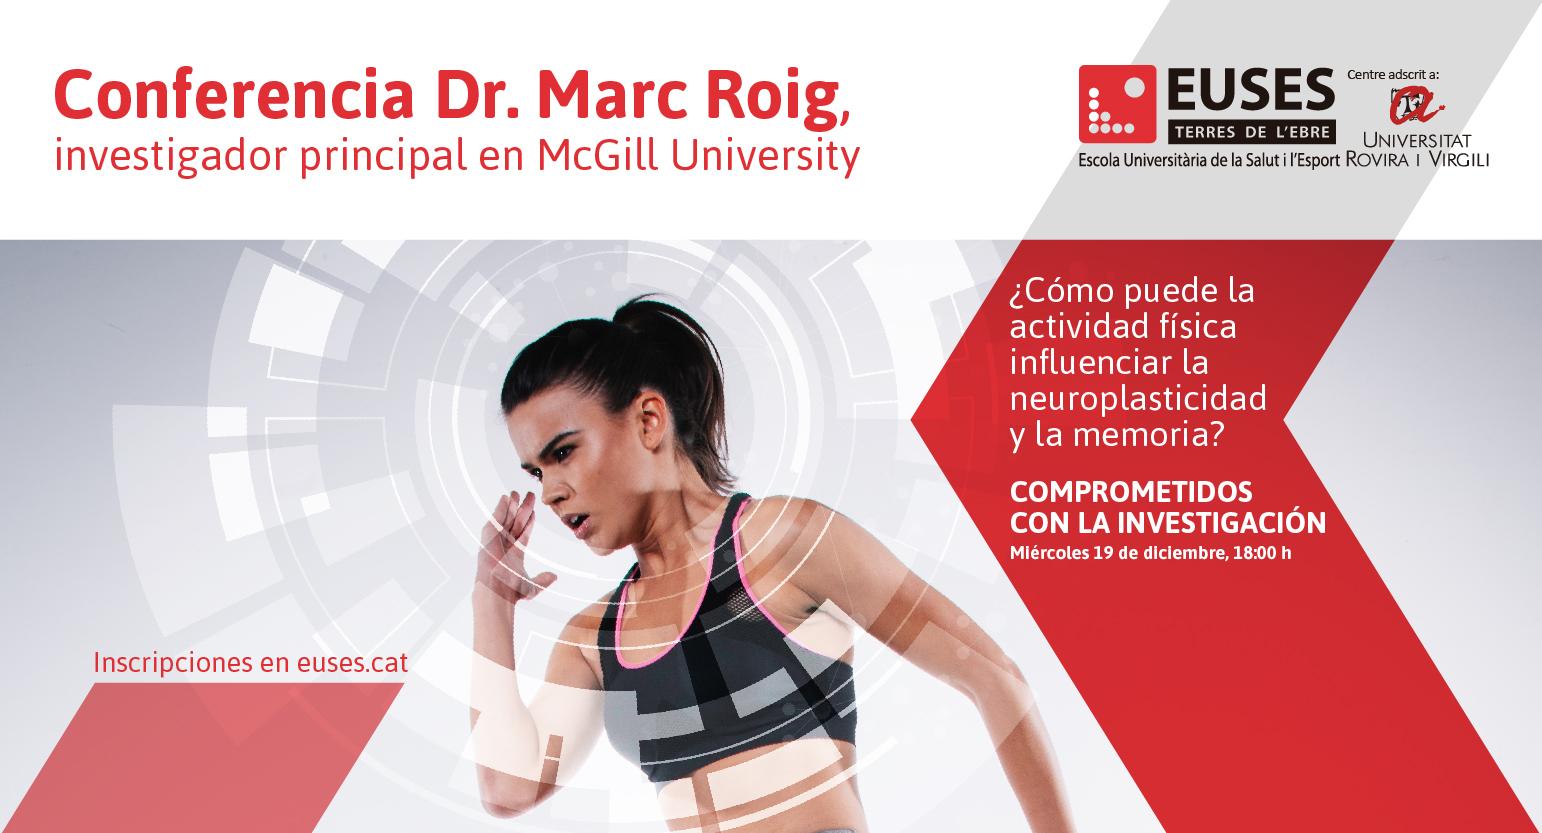 Ejercicio para cambiar el cerebro • Conferencia de Marc Roig (McGill University)